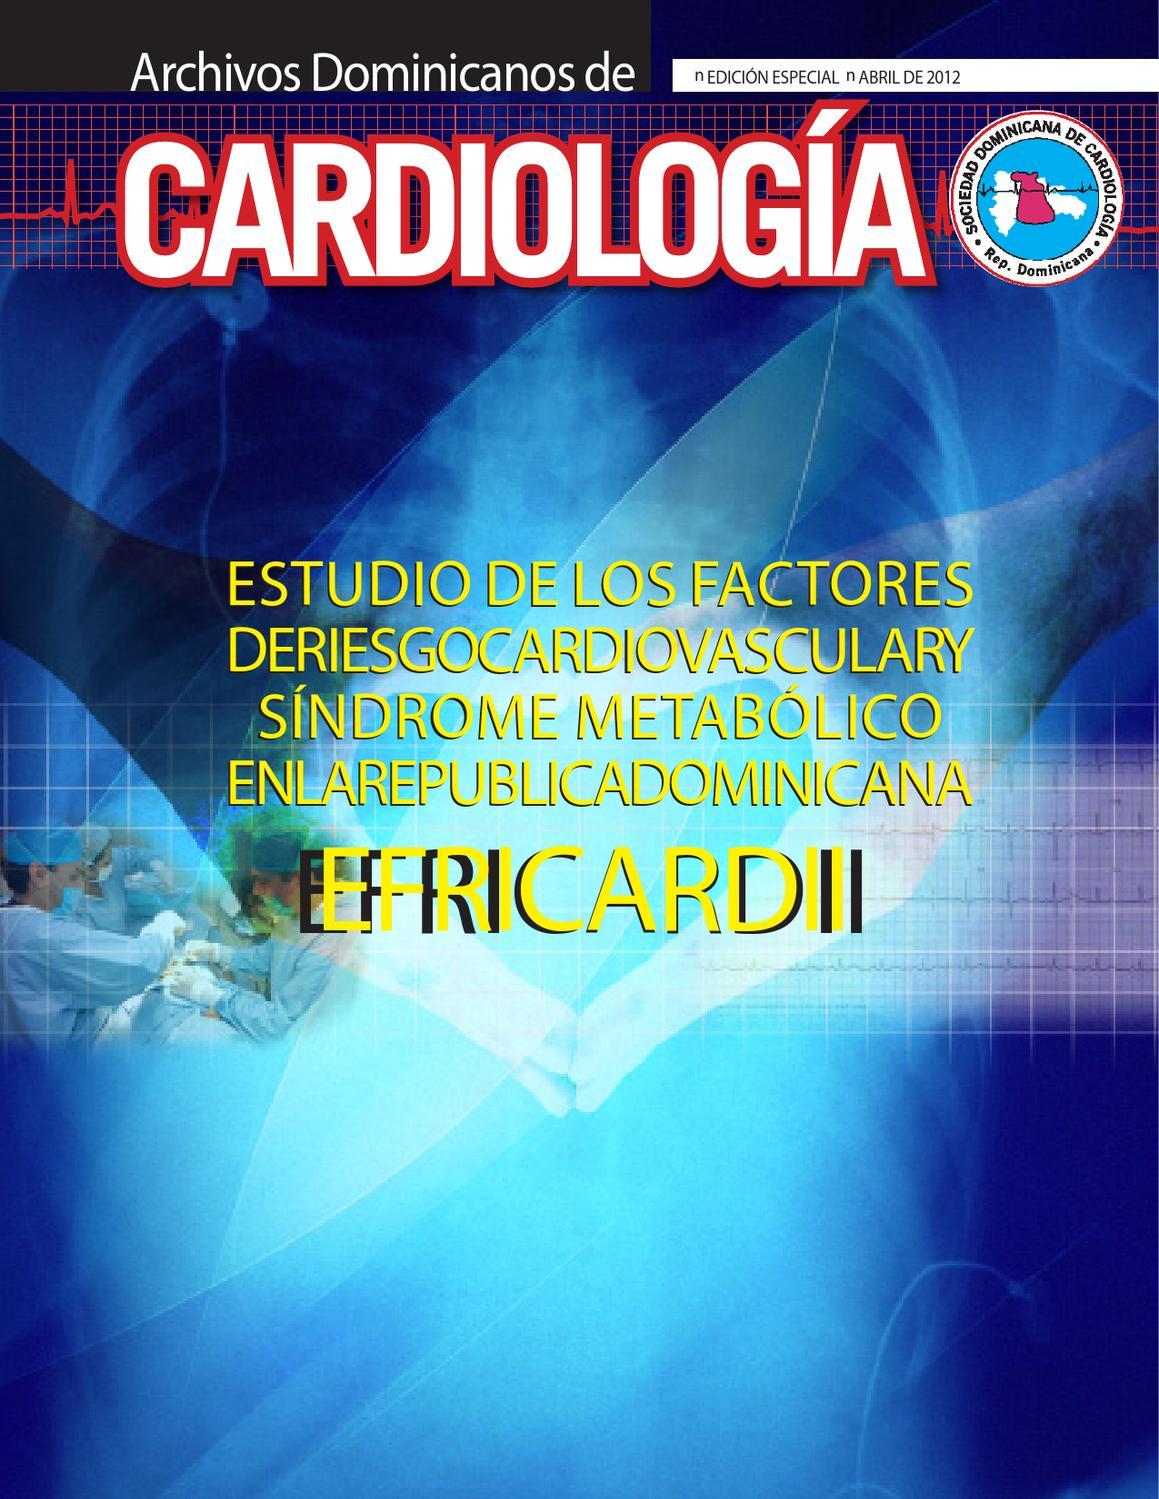 Conferencia hipertensión pulmonar ppt sociología